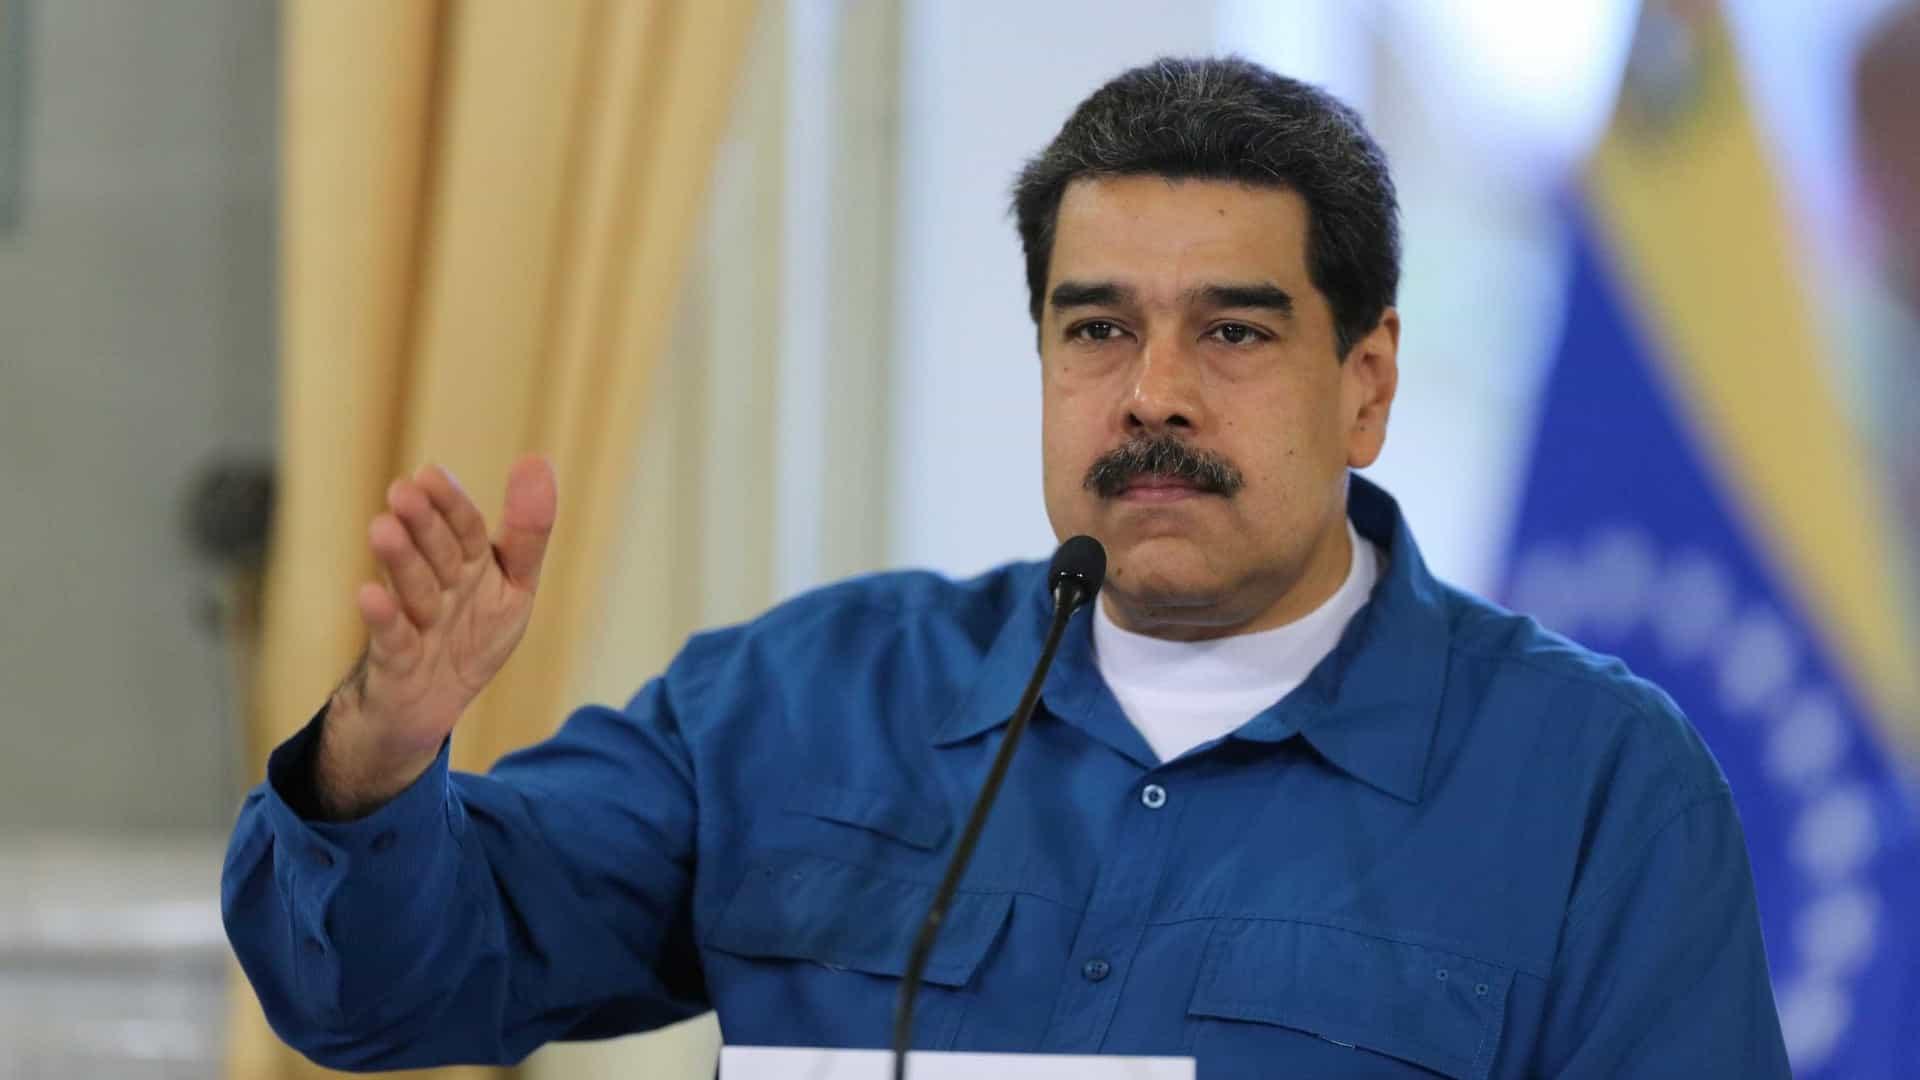 Opositores veem aumento de intimidação por regime Maduro